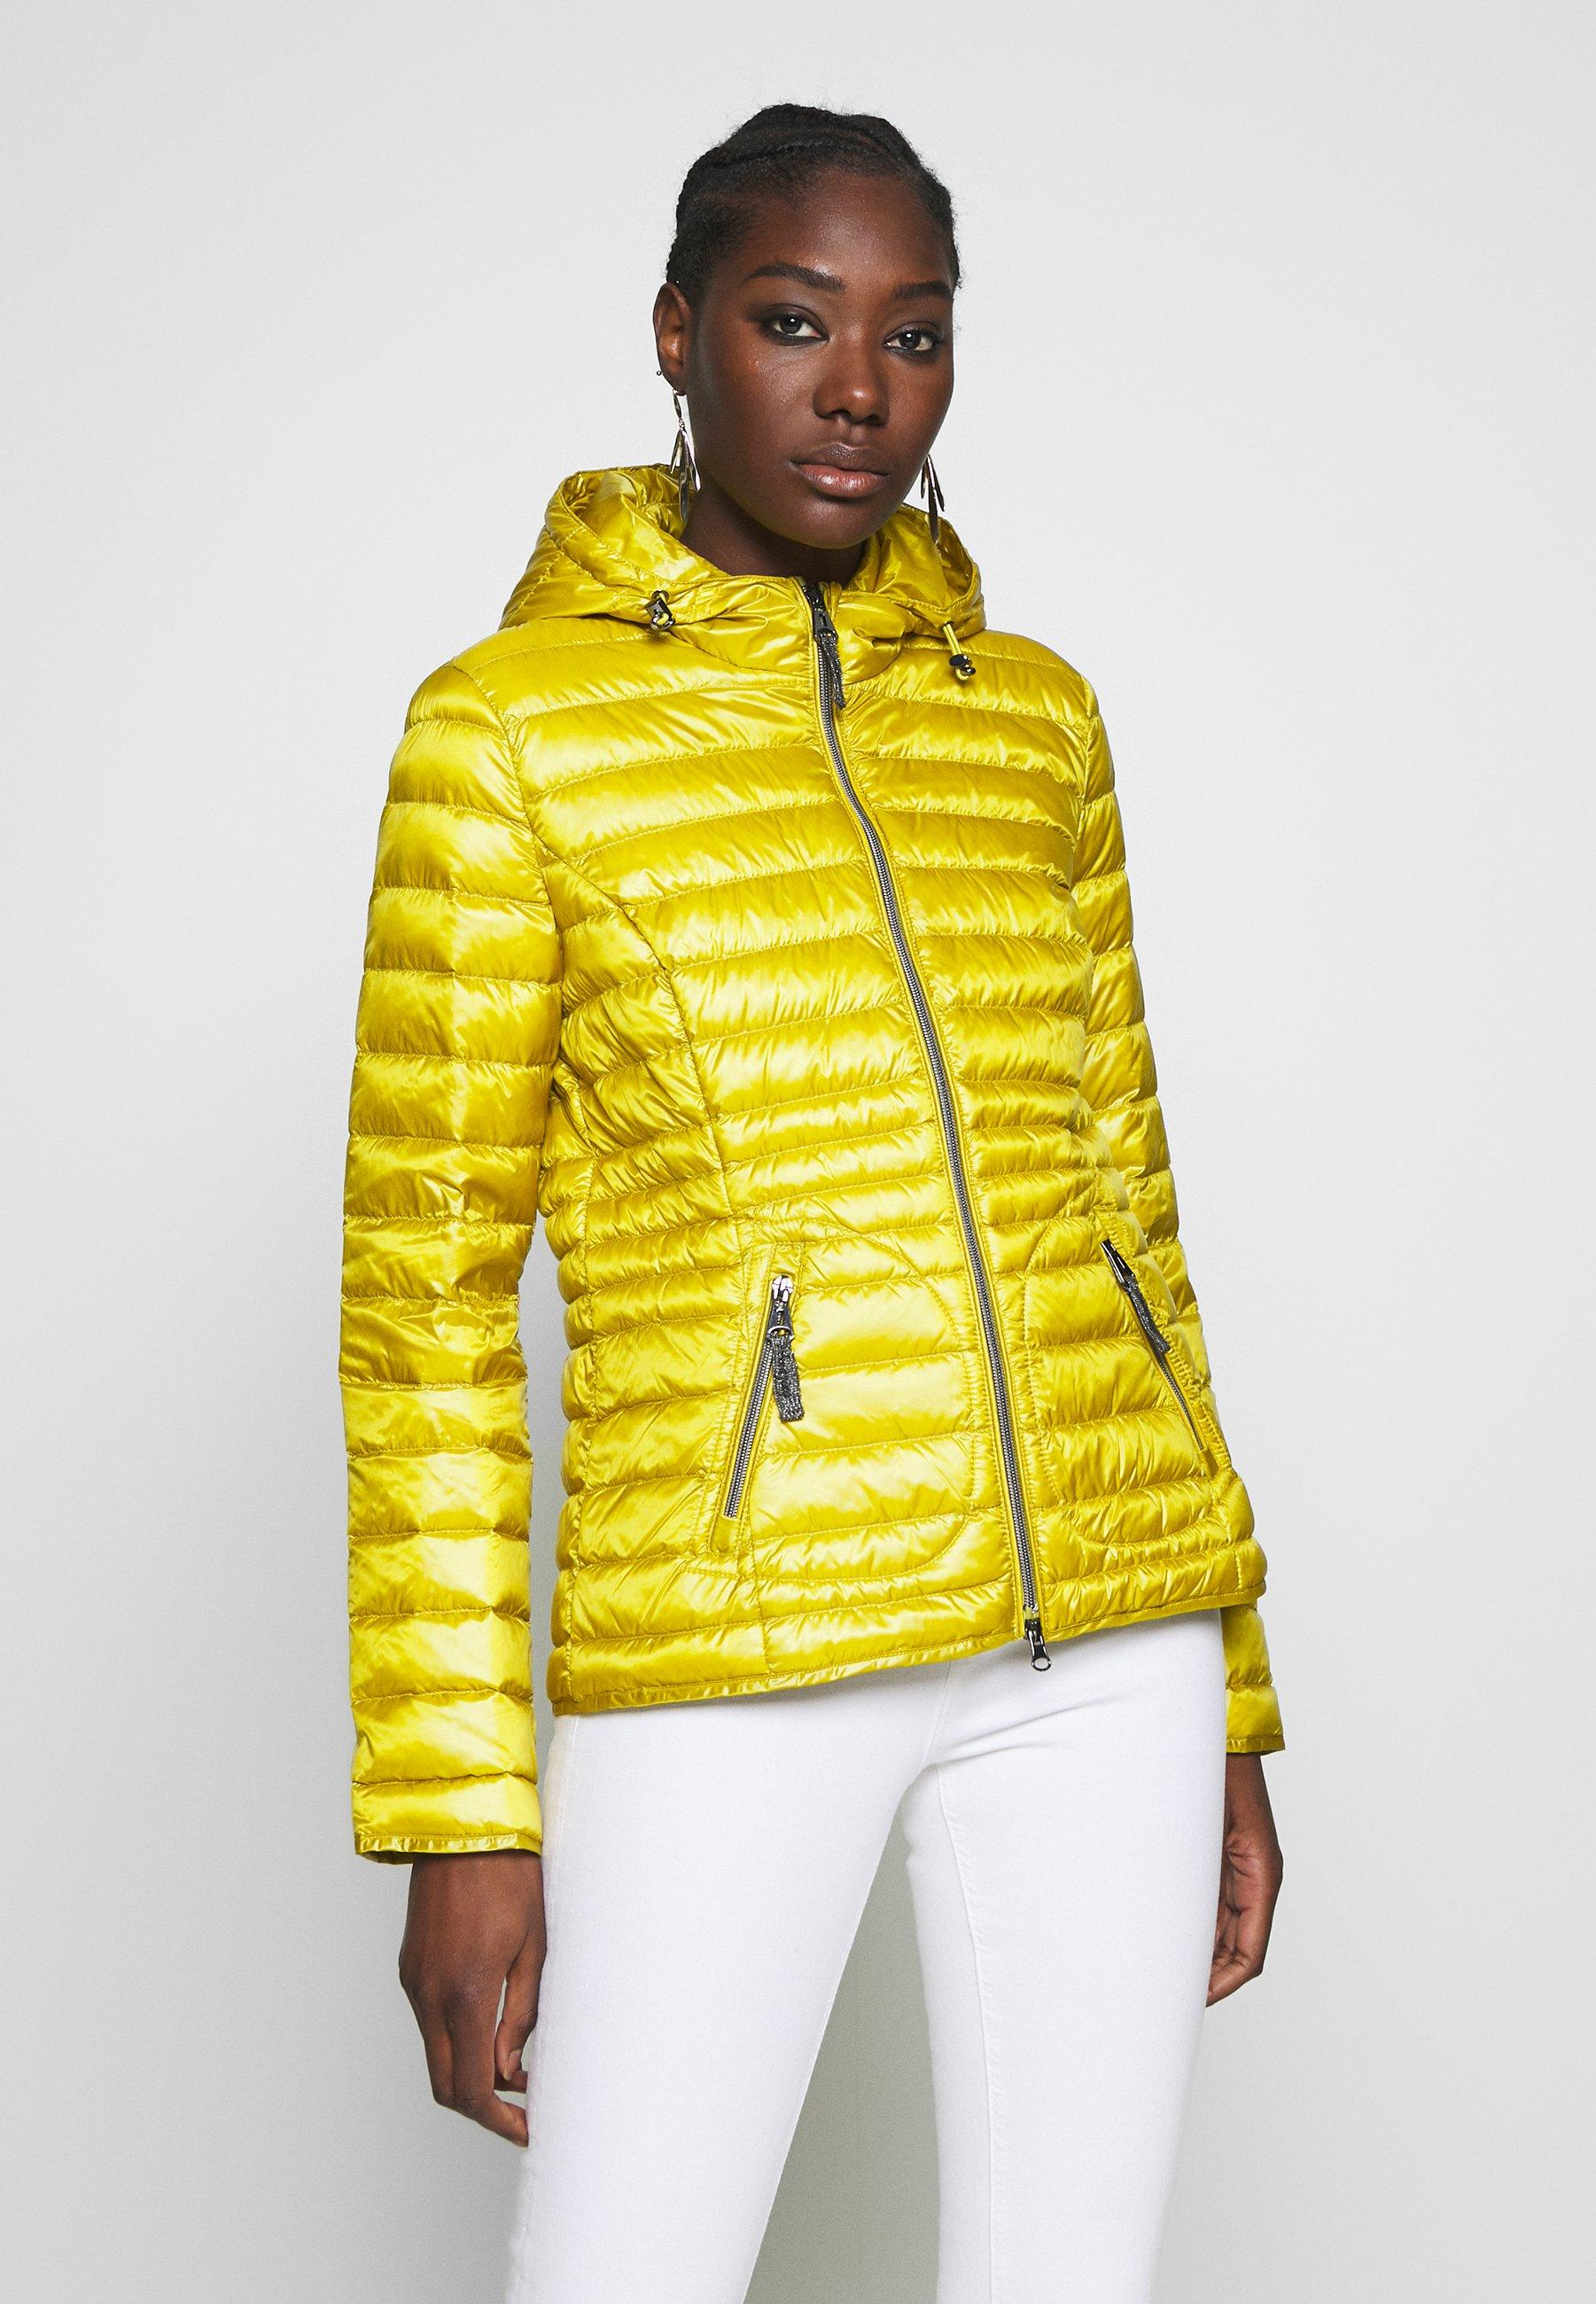 Doudoune courte droite jaune Nike jaune vêtements femme